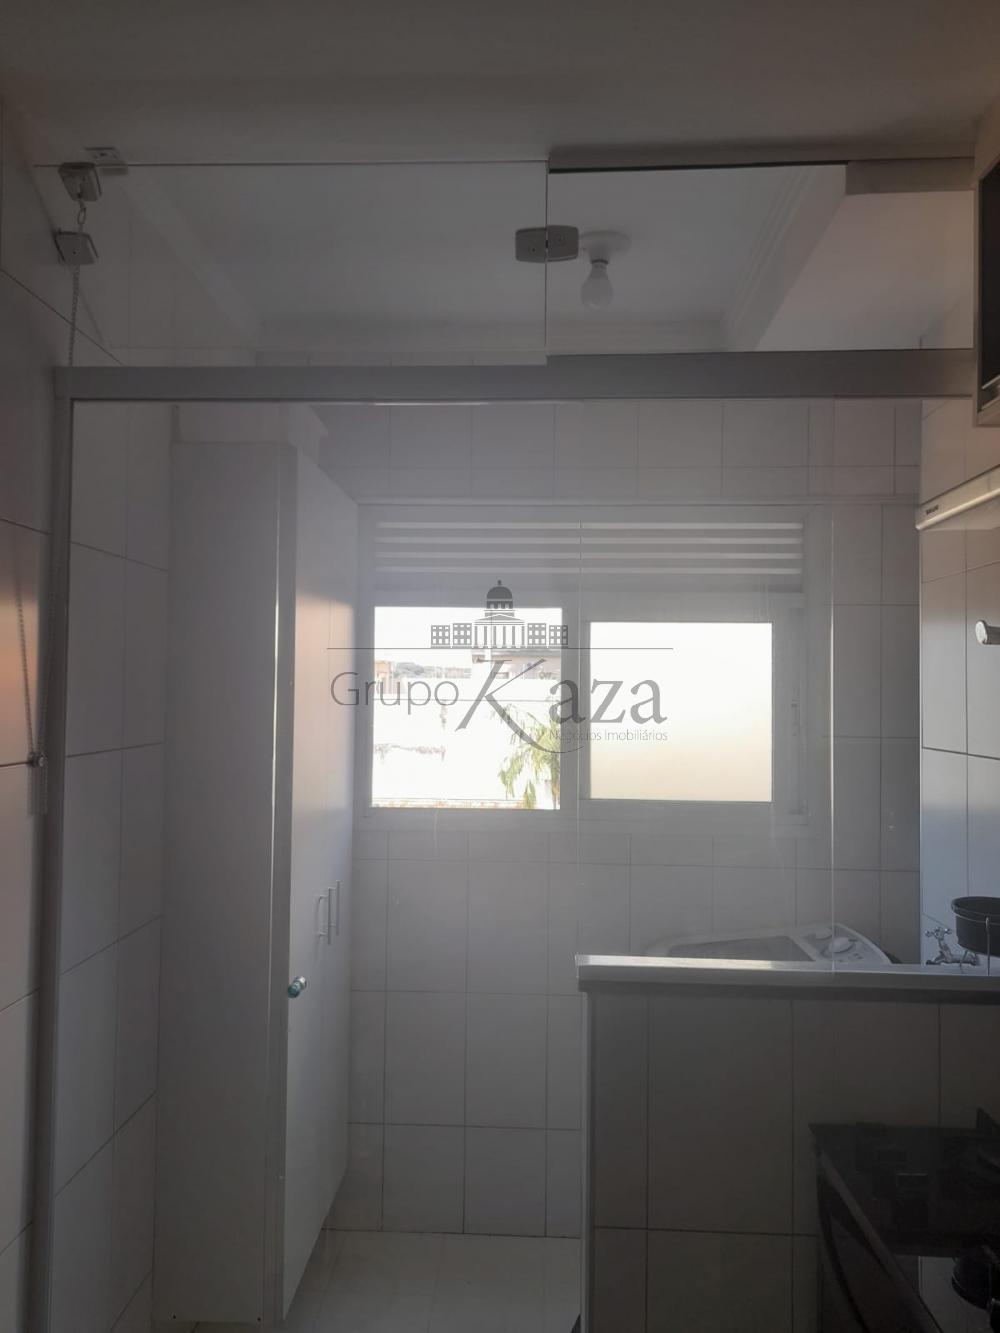 alt='Comprar Apartamento / Padrão em São José dos Campos R$ 352.000,00 - Foto 9' title='Comprar Apartamento / Padrão em São José dos Campos R$ 352.000,00 - Foto 9'